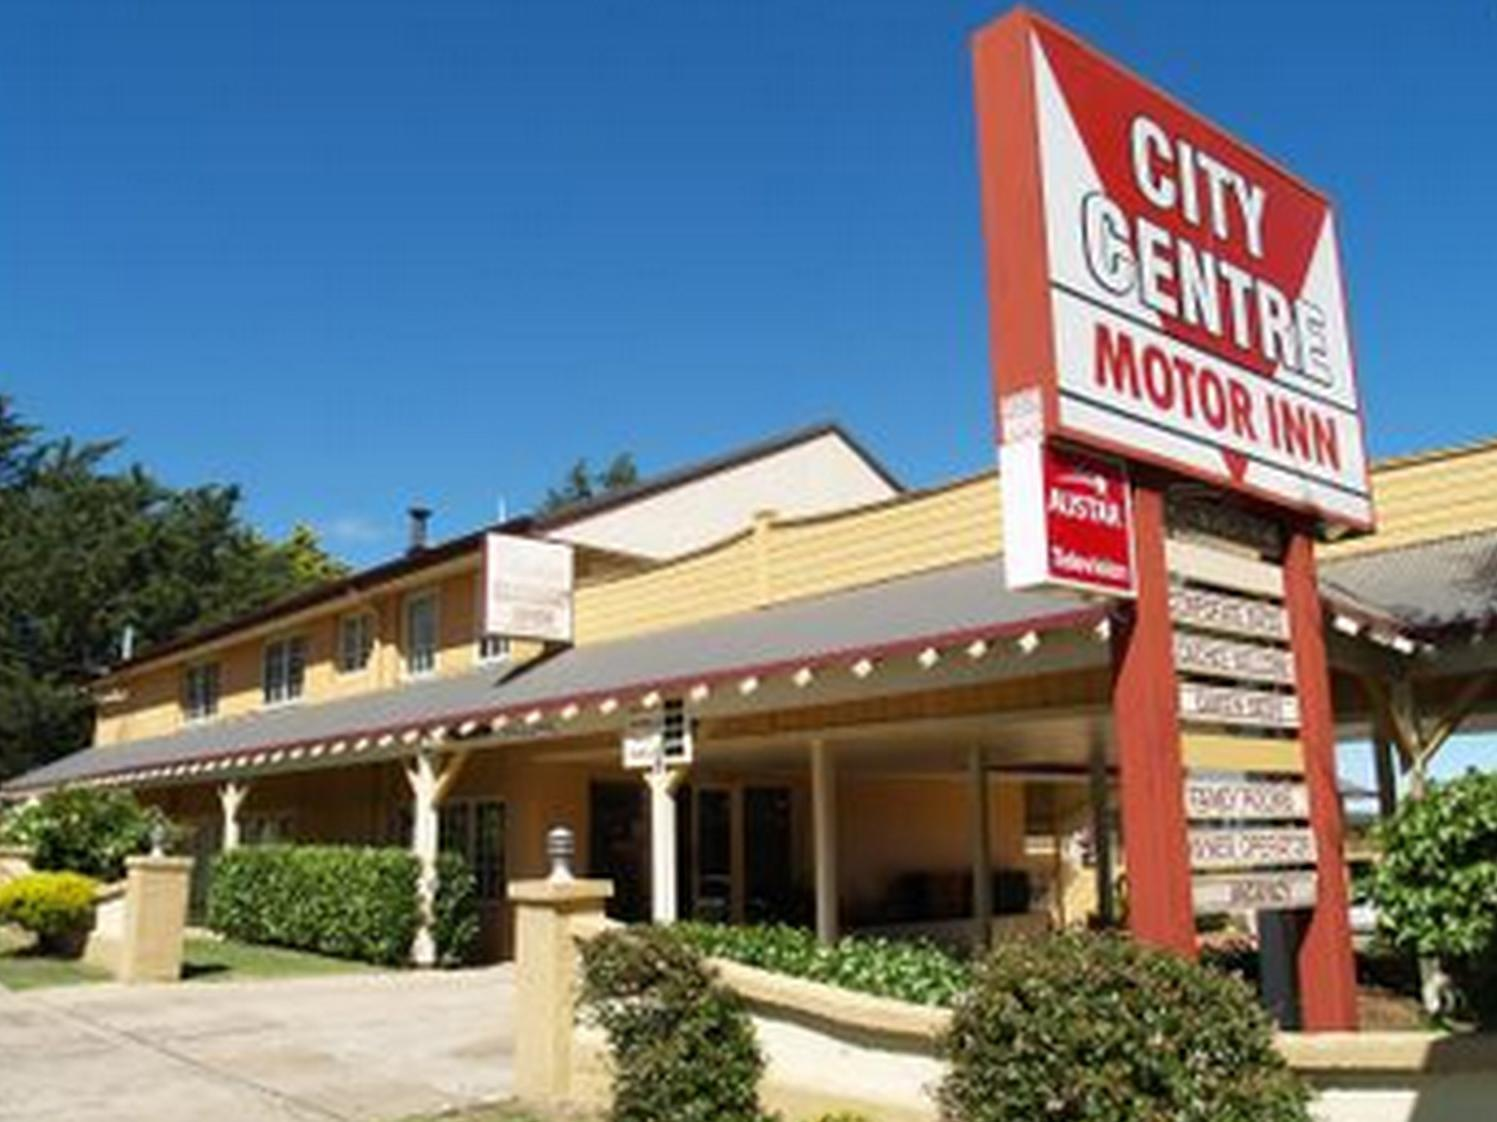 Best price on city centre motor inn in armidale reviews for Civic centre motor inn